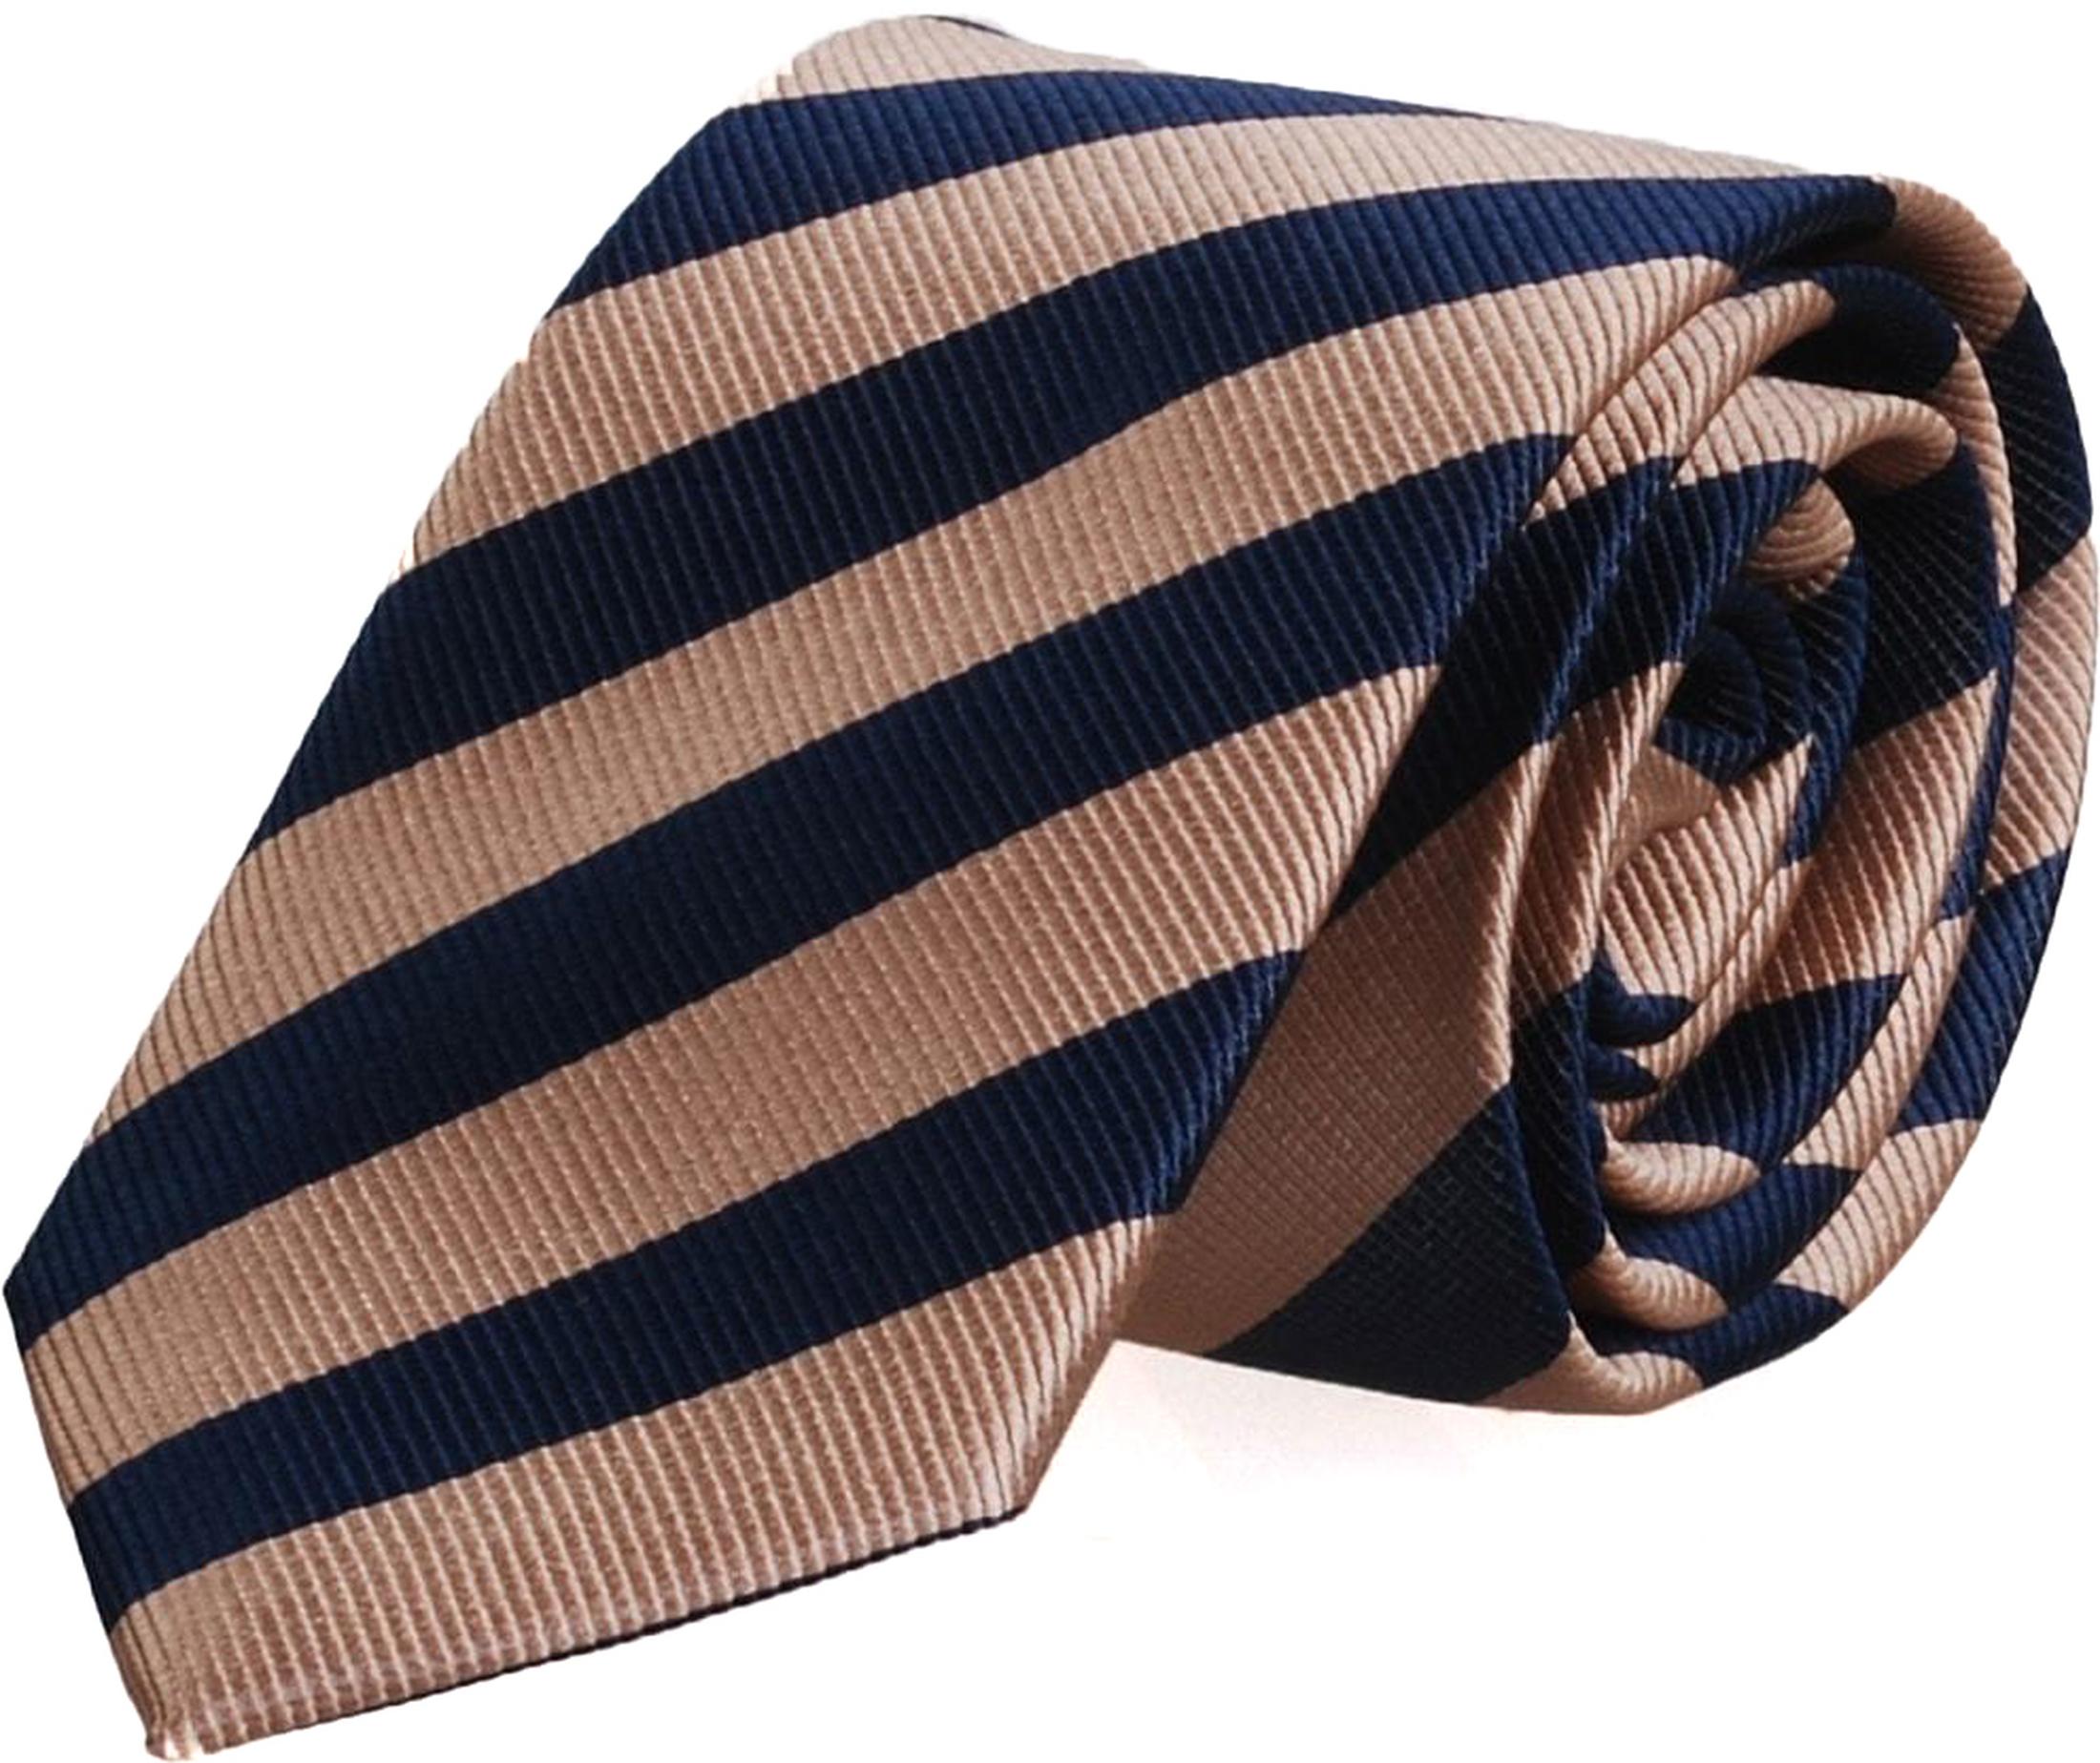 Krawatte Beige - Navy Streifen FD15